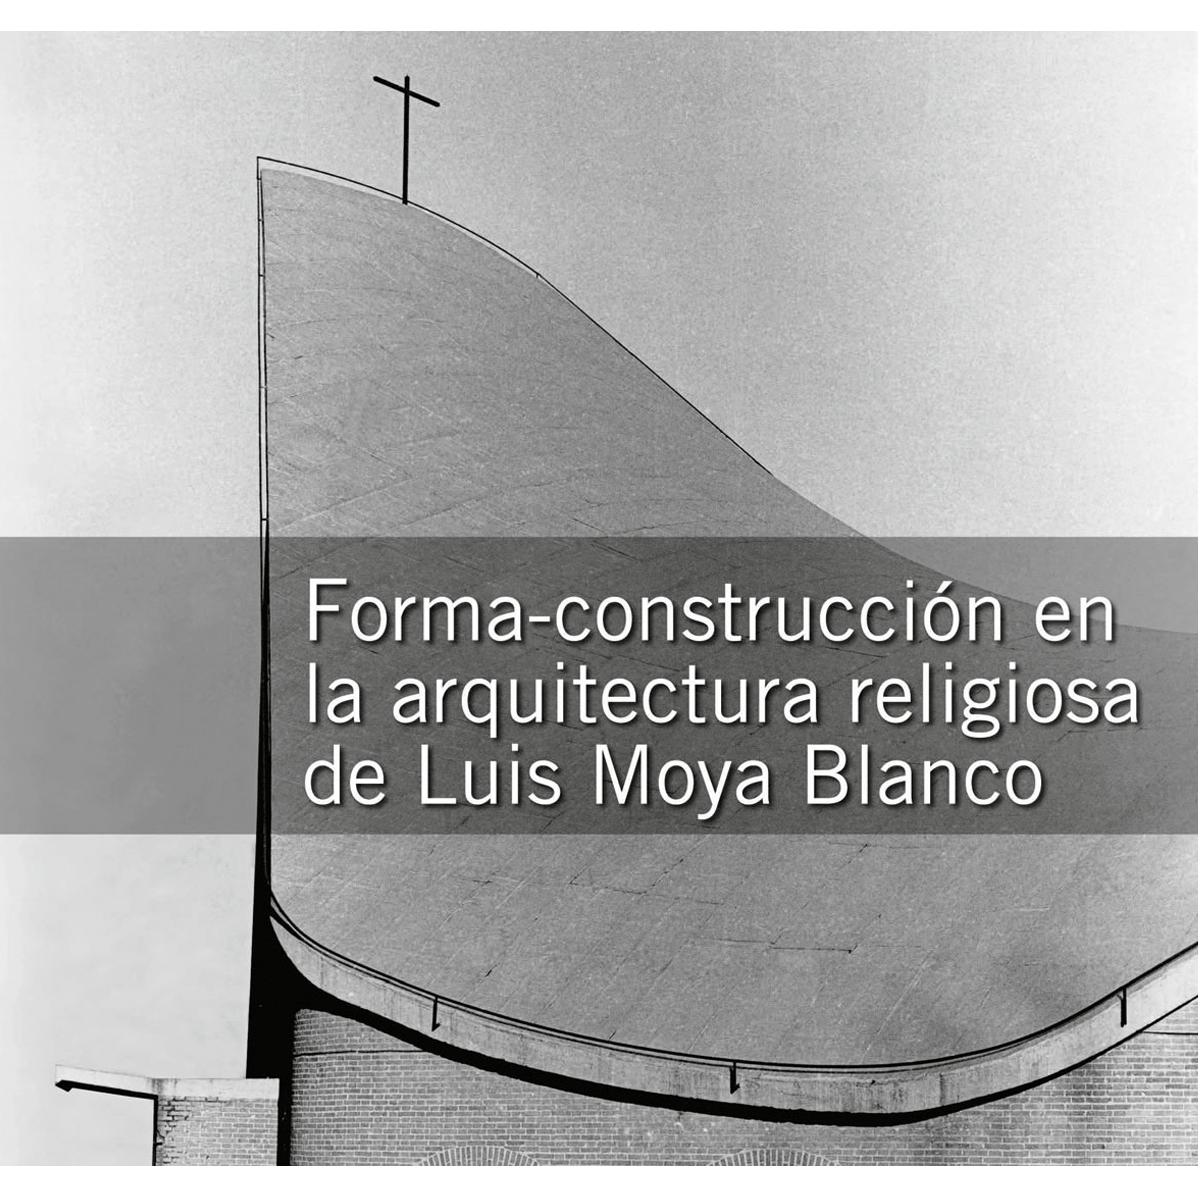 Forma-construcción en la arquitectura religiosa de Luis Moya